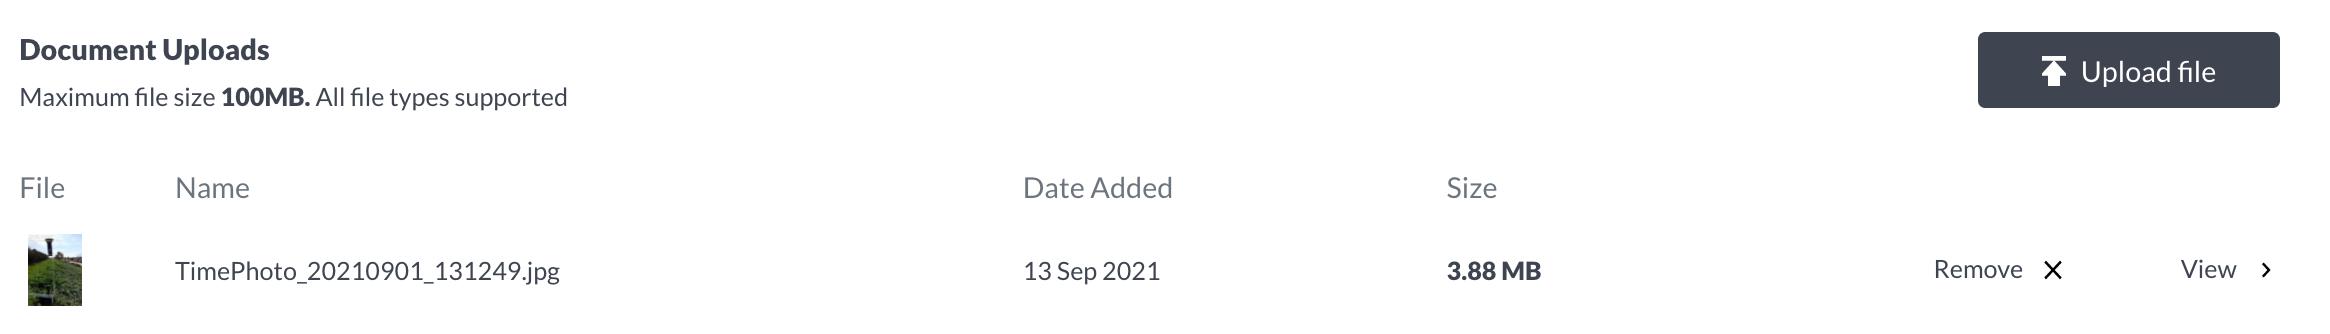 Screen Shot 2021-09-29 at 5.00.16 pm.png